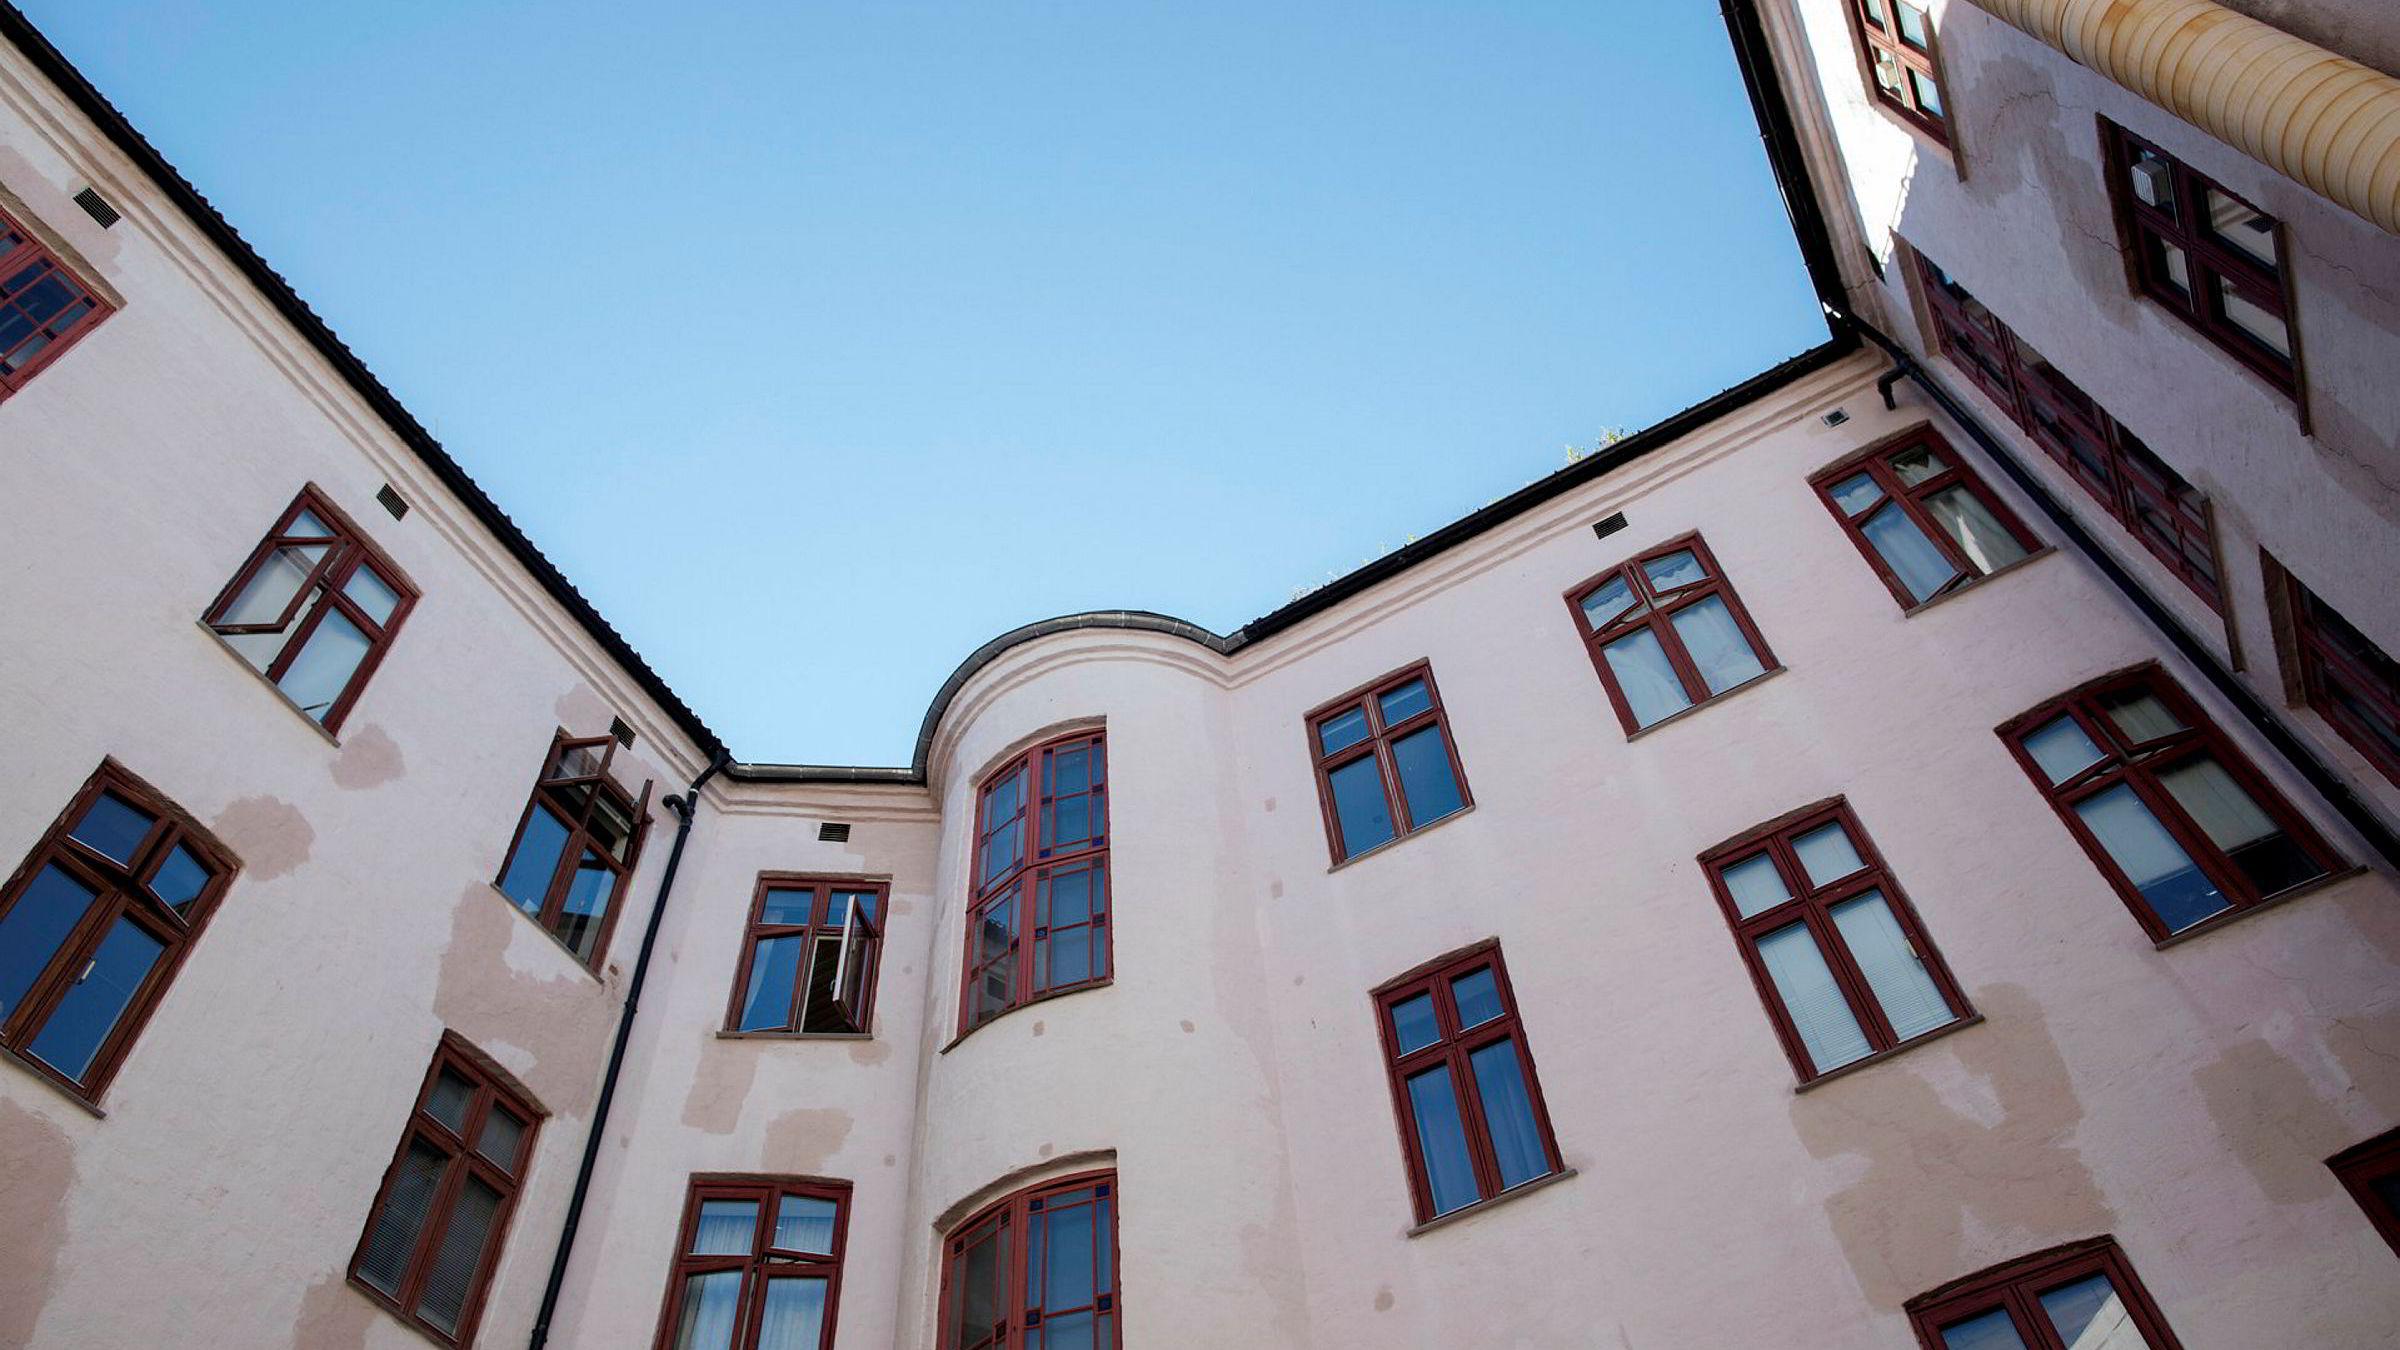 Leieprisene i Oslo har økt med 5,6 prosent i snitt sammenlignet med juli i fjor, ifølge Utleiemegleren.